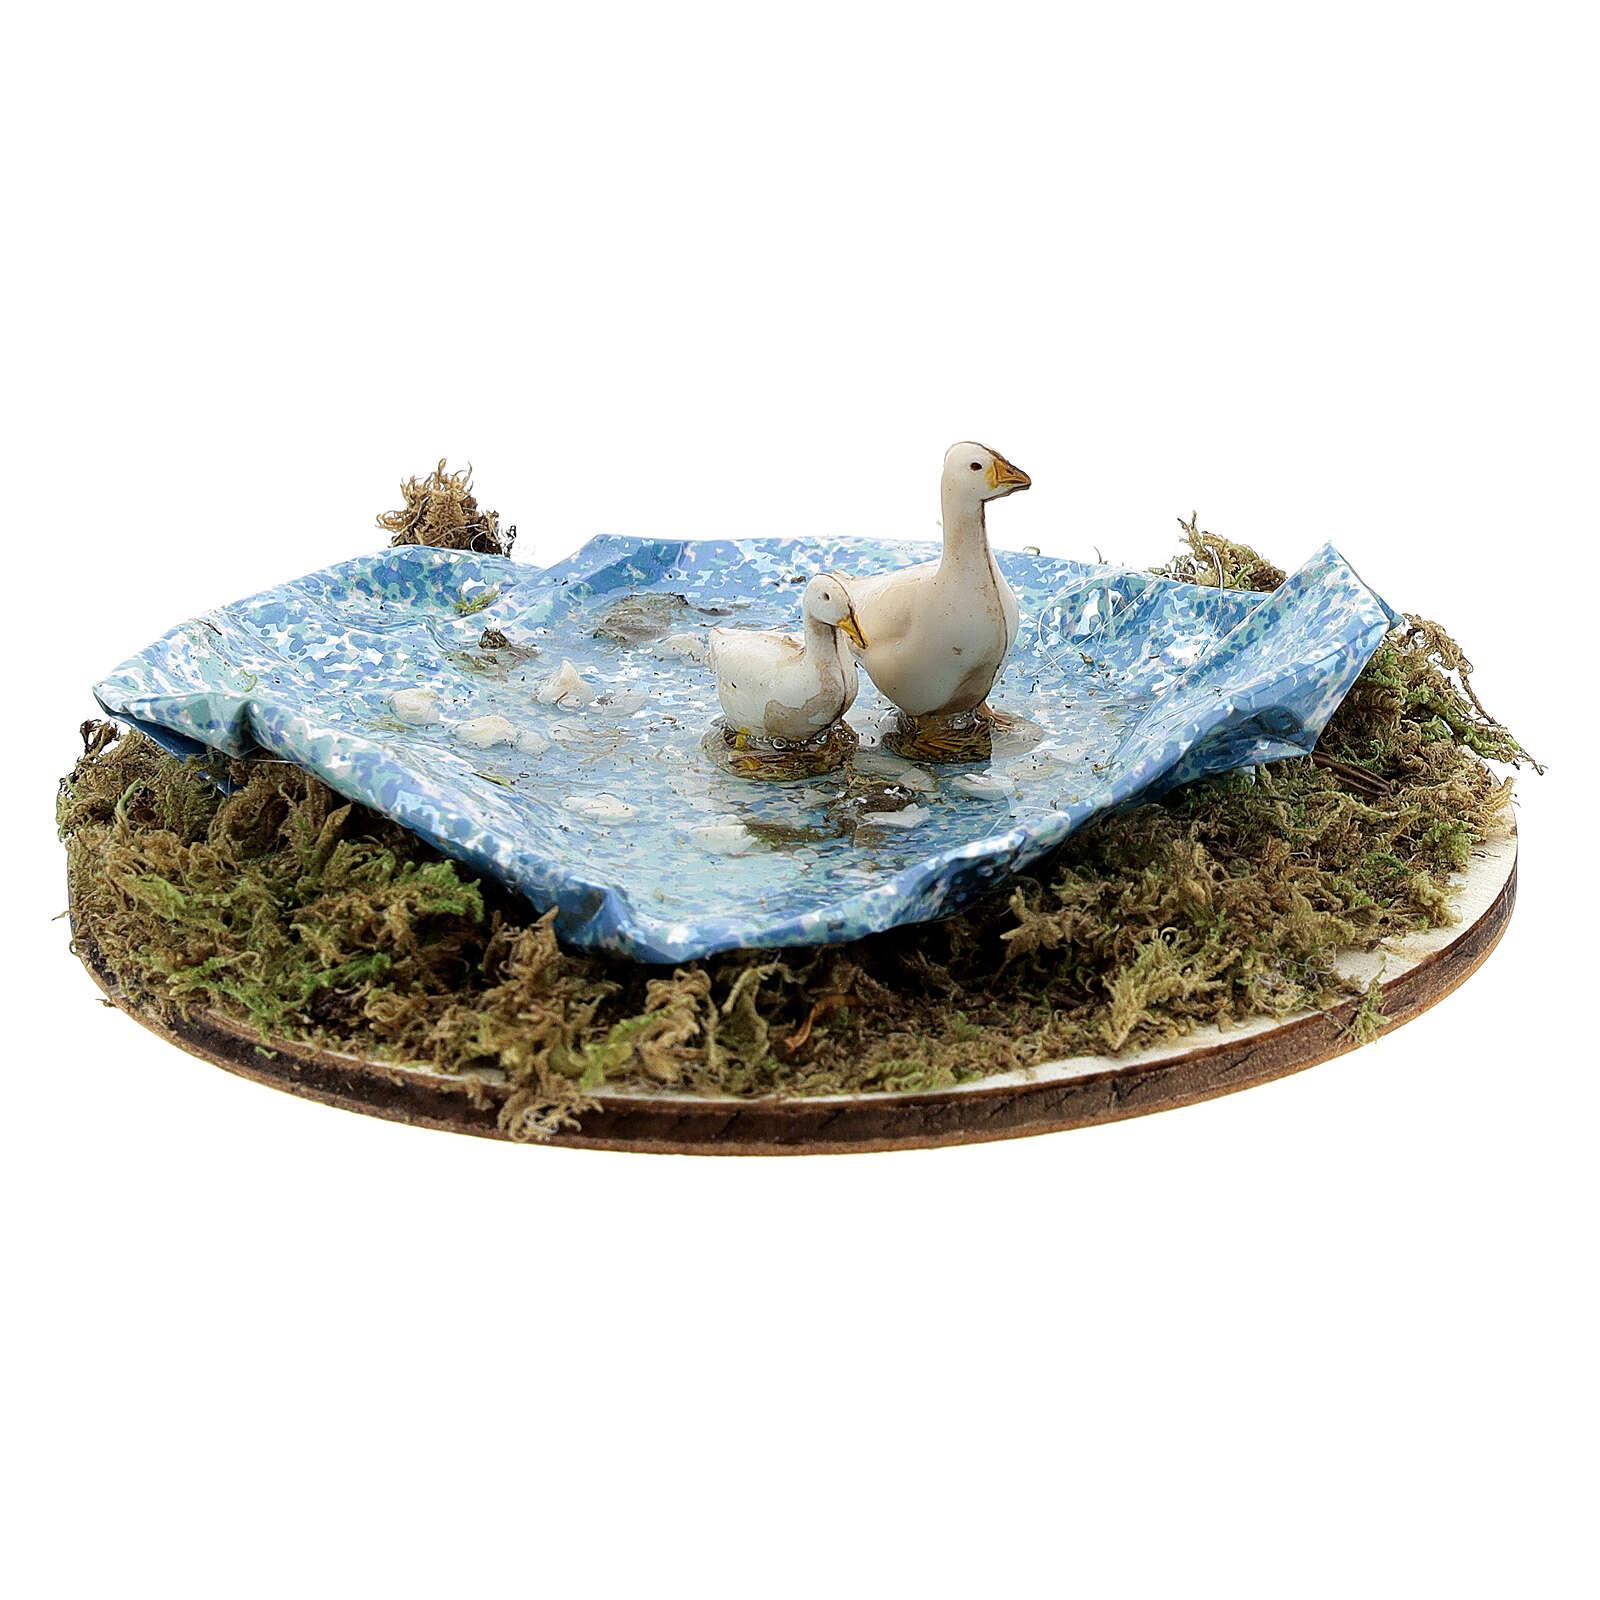 Teich kreisförmig mit Gänsen, 8-14 cm 4